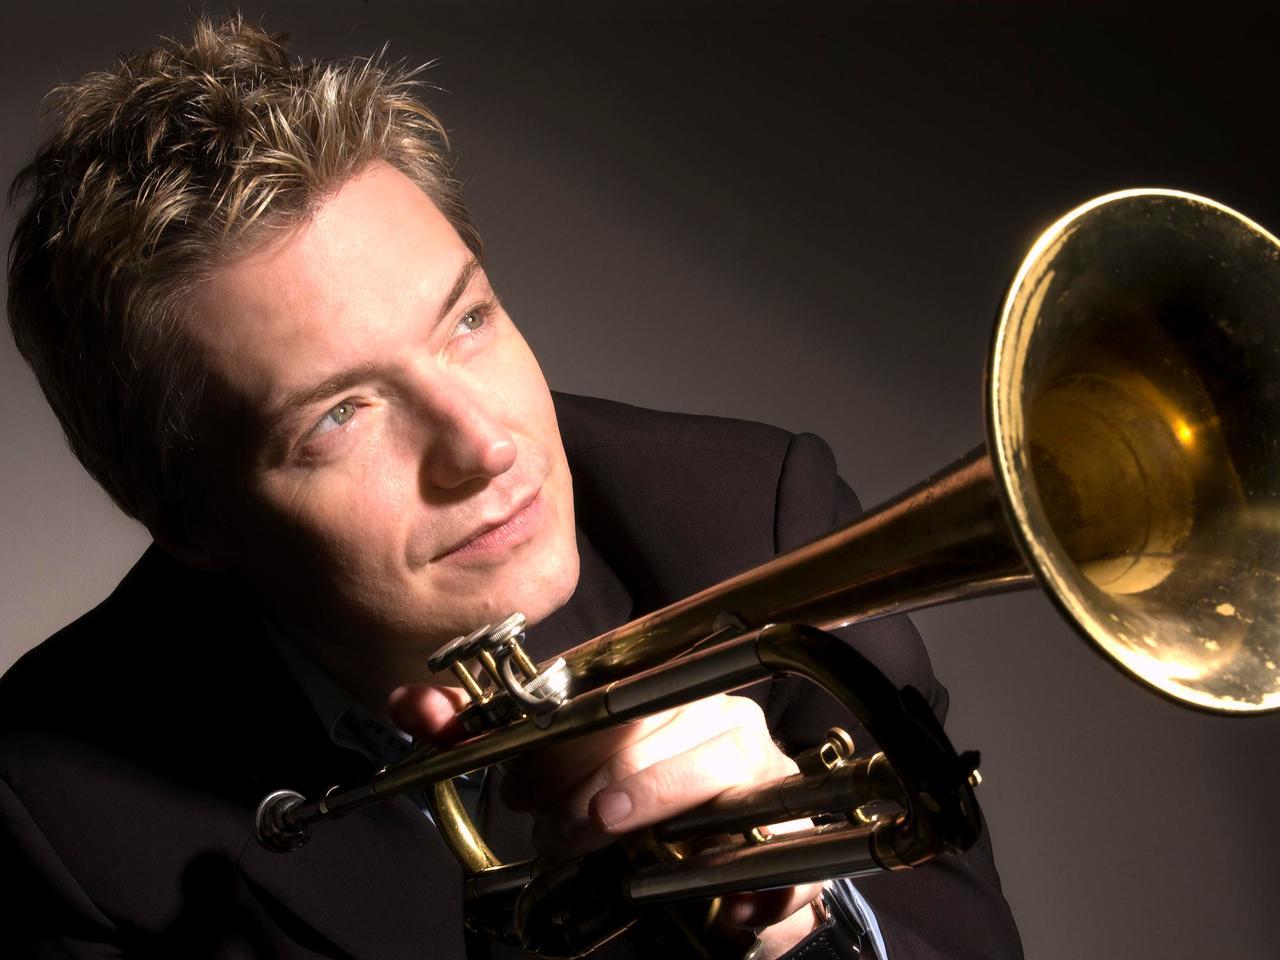 Chris Botti - Ngẫu hứng nhạc Jazz với cây kèn trumpet - Tạp chí âm nhạc